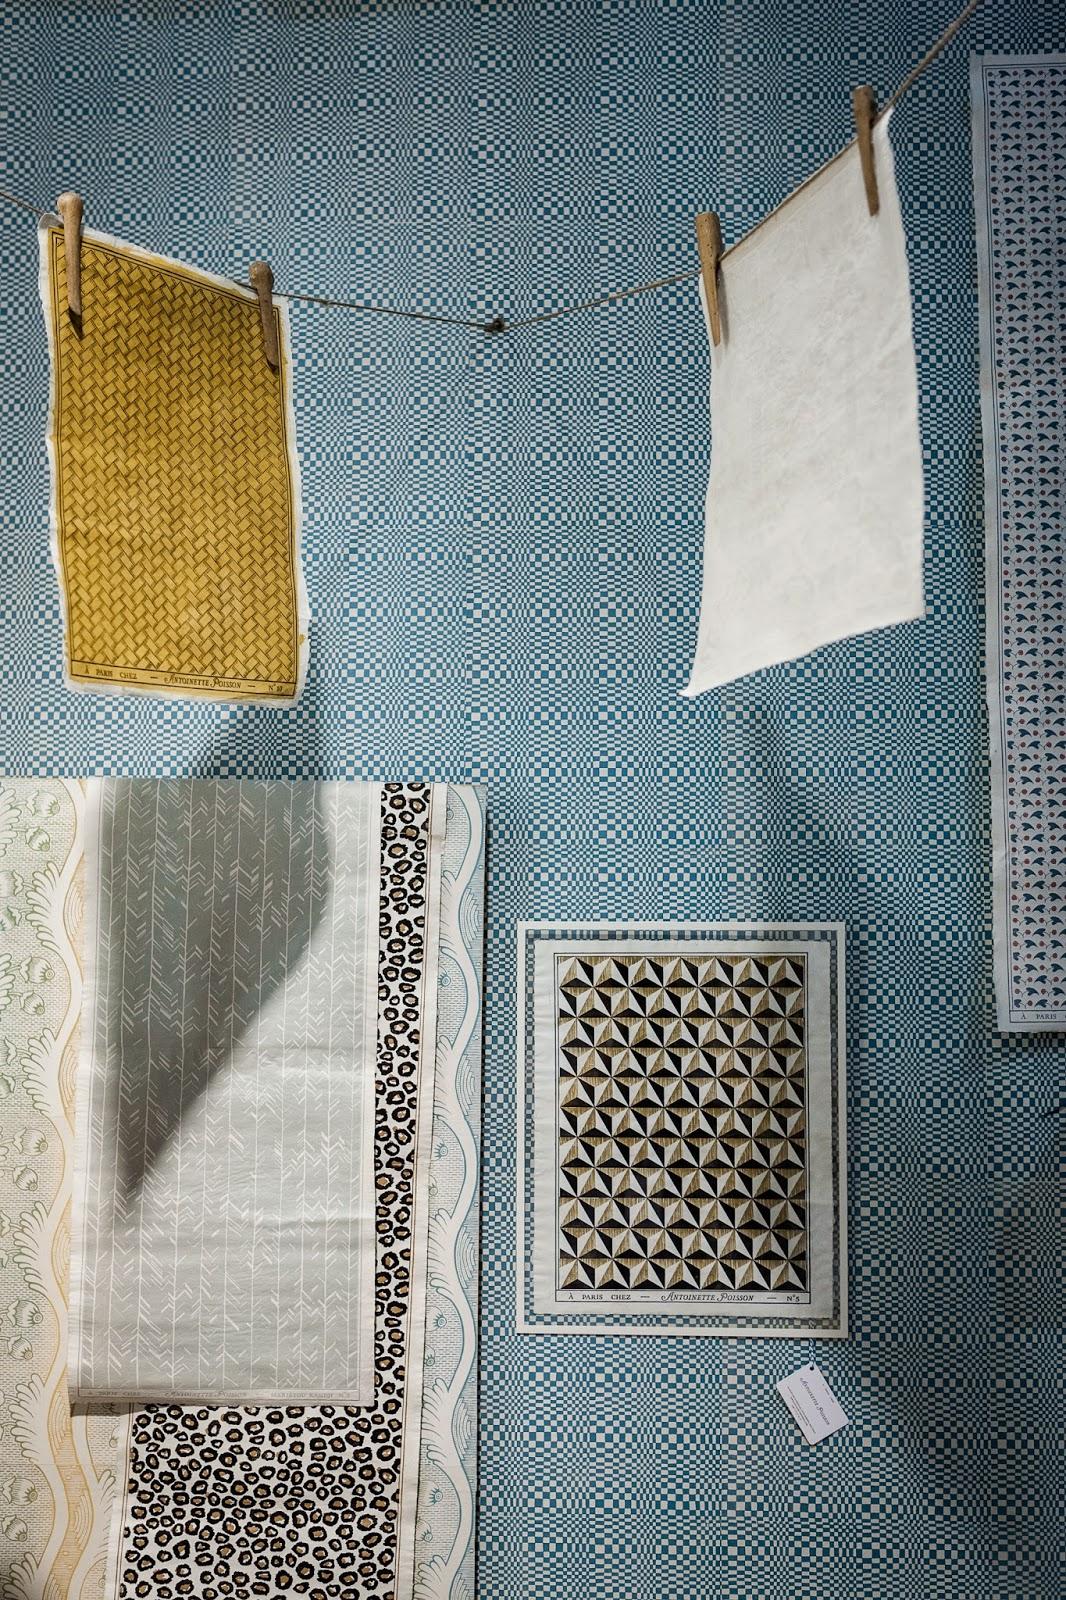 Poster mural vertical et design, posters muraux Scenolia - Laie De Papier Peint Unique